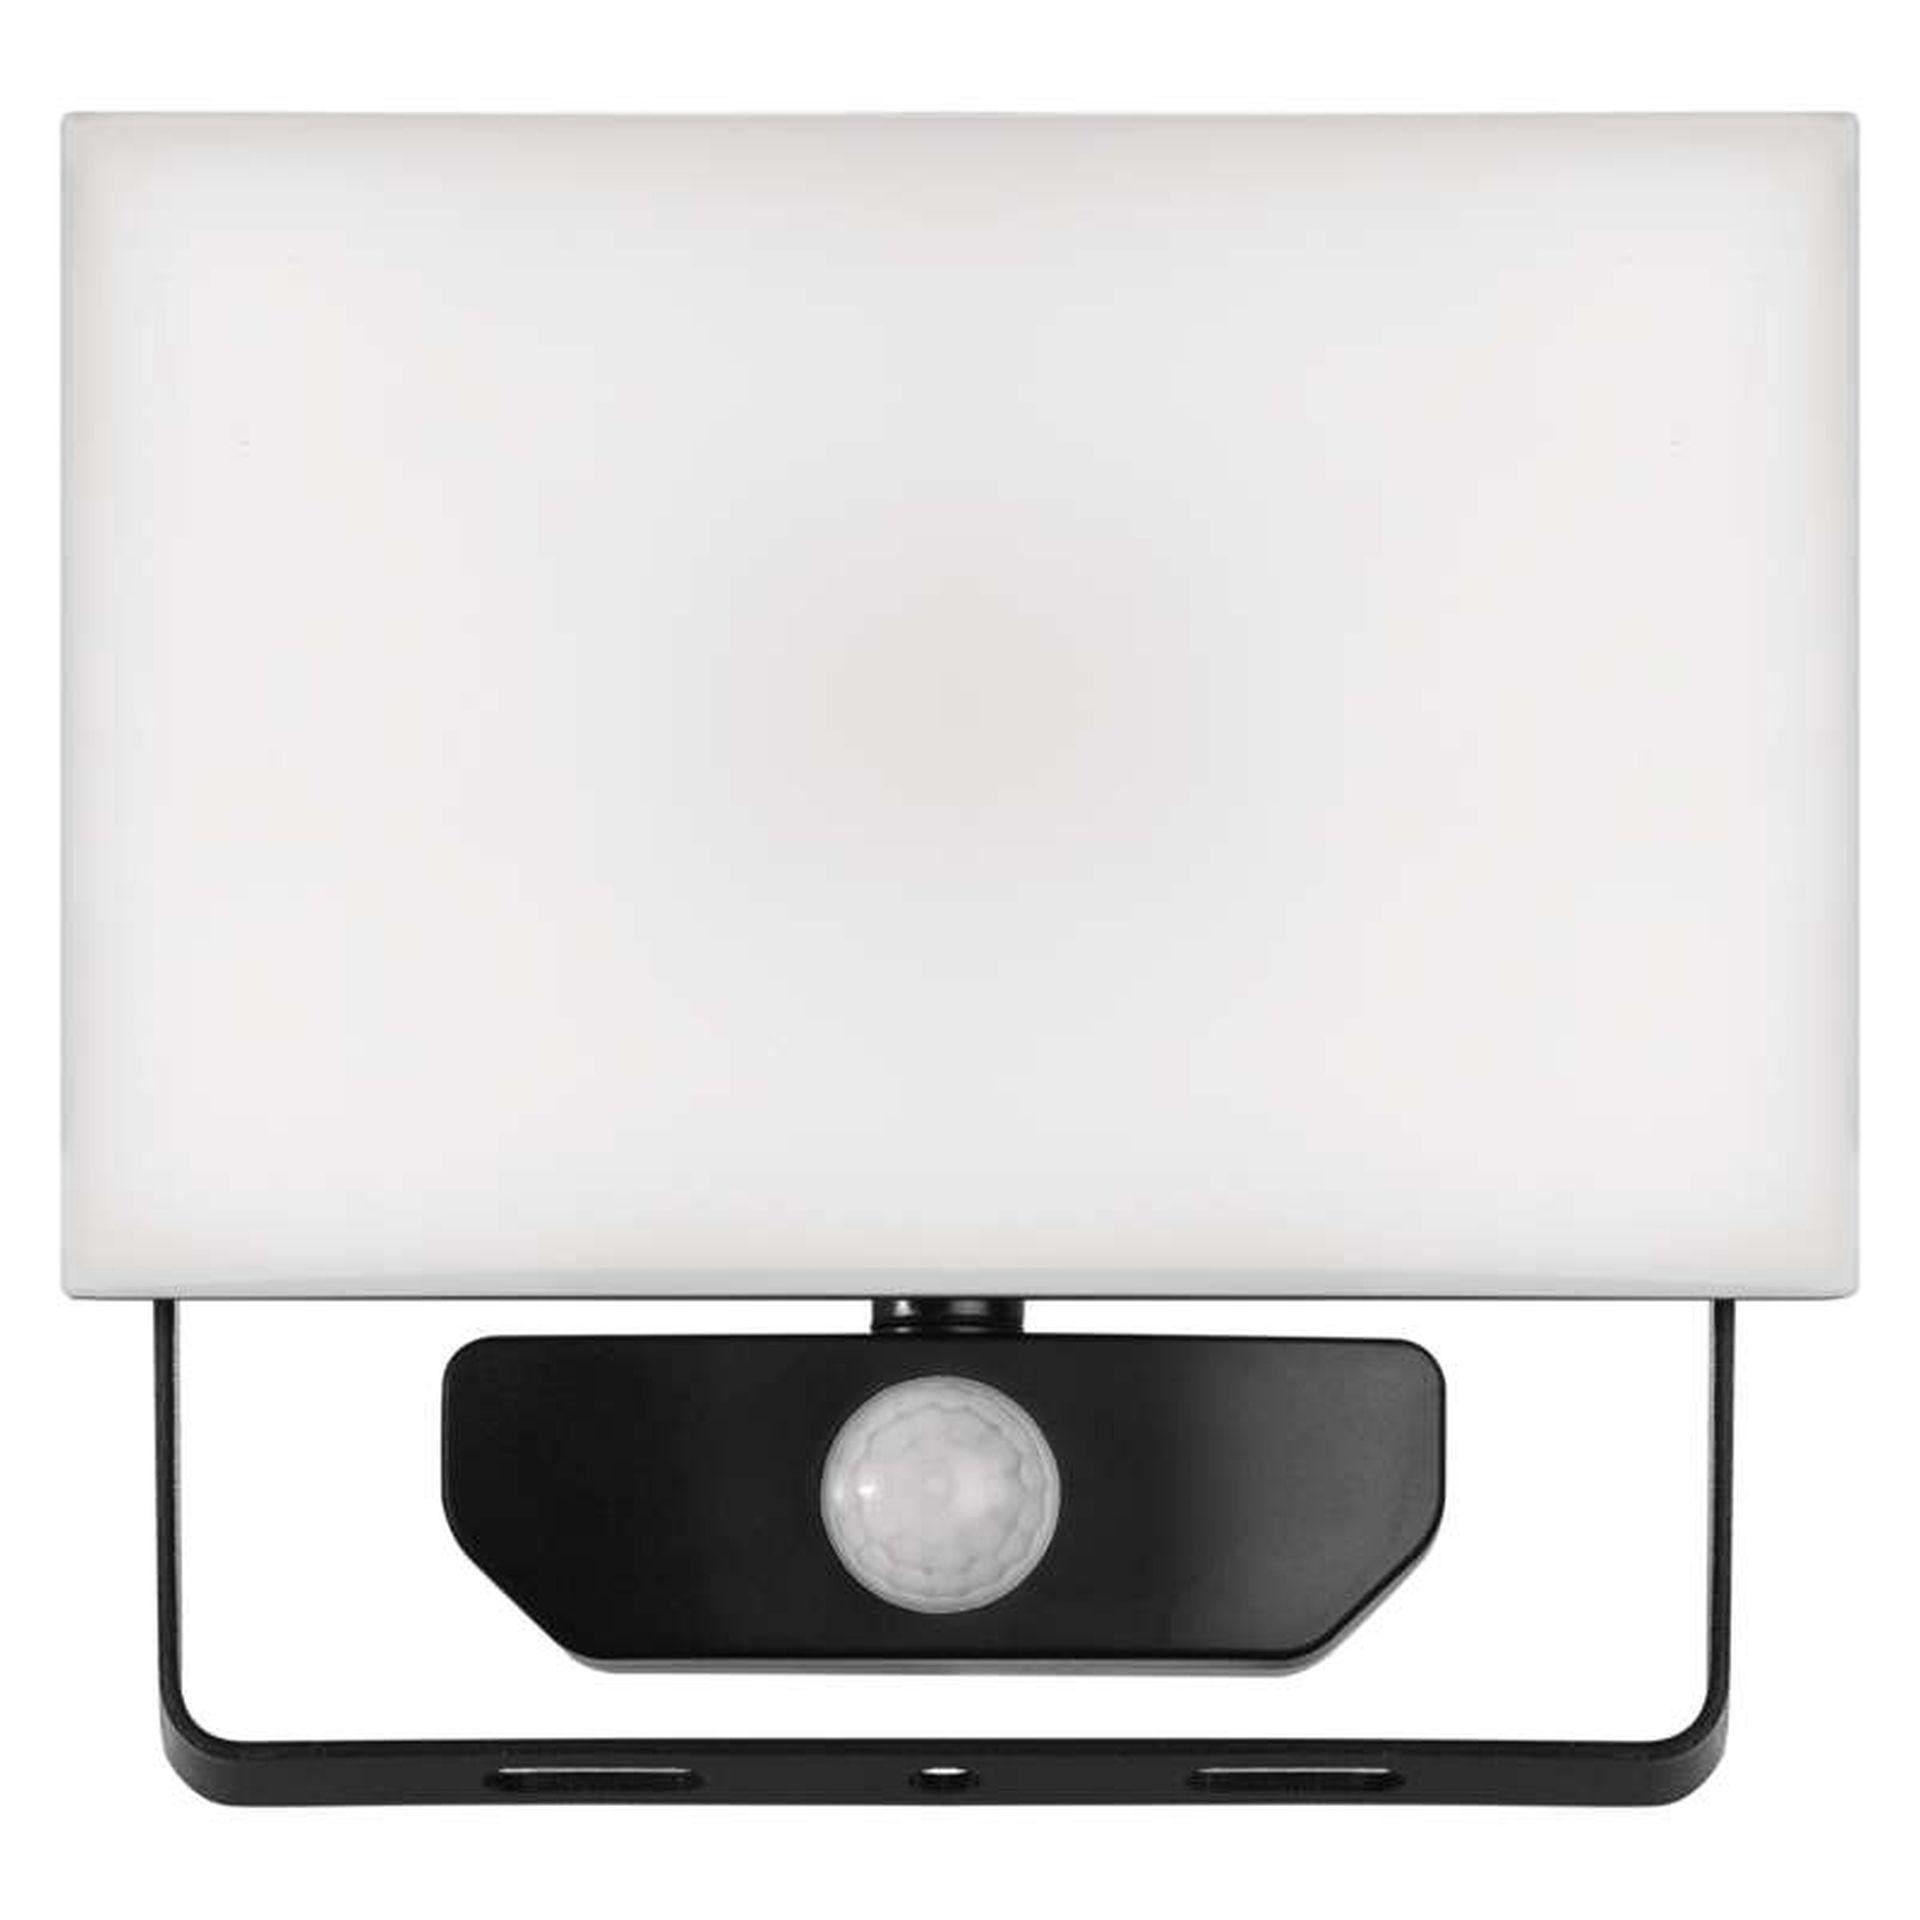 EMOS Bezrámečkový LED reflektor 20W s pohybovým čidlem